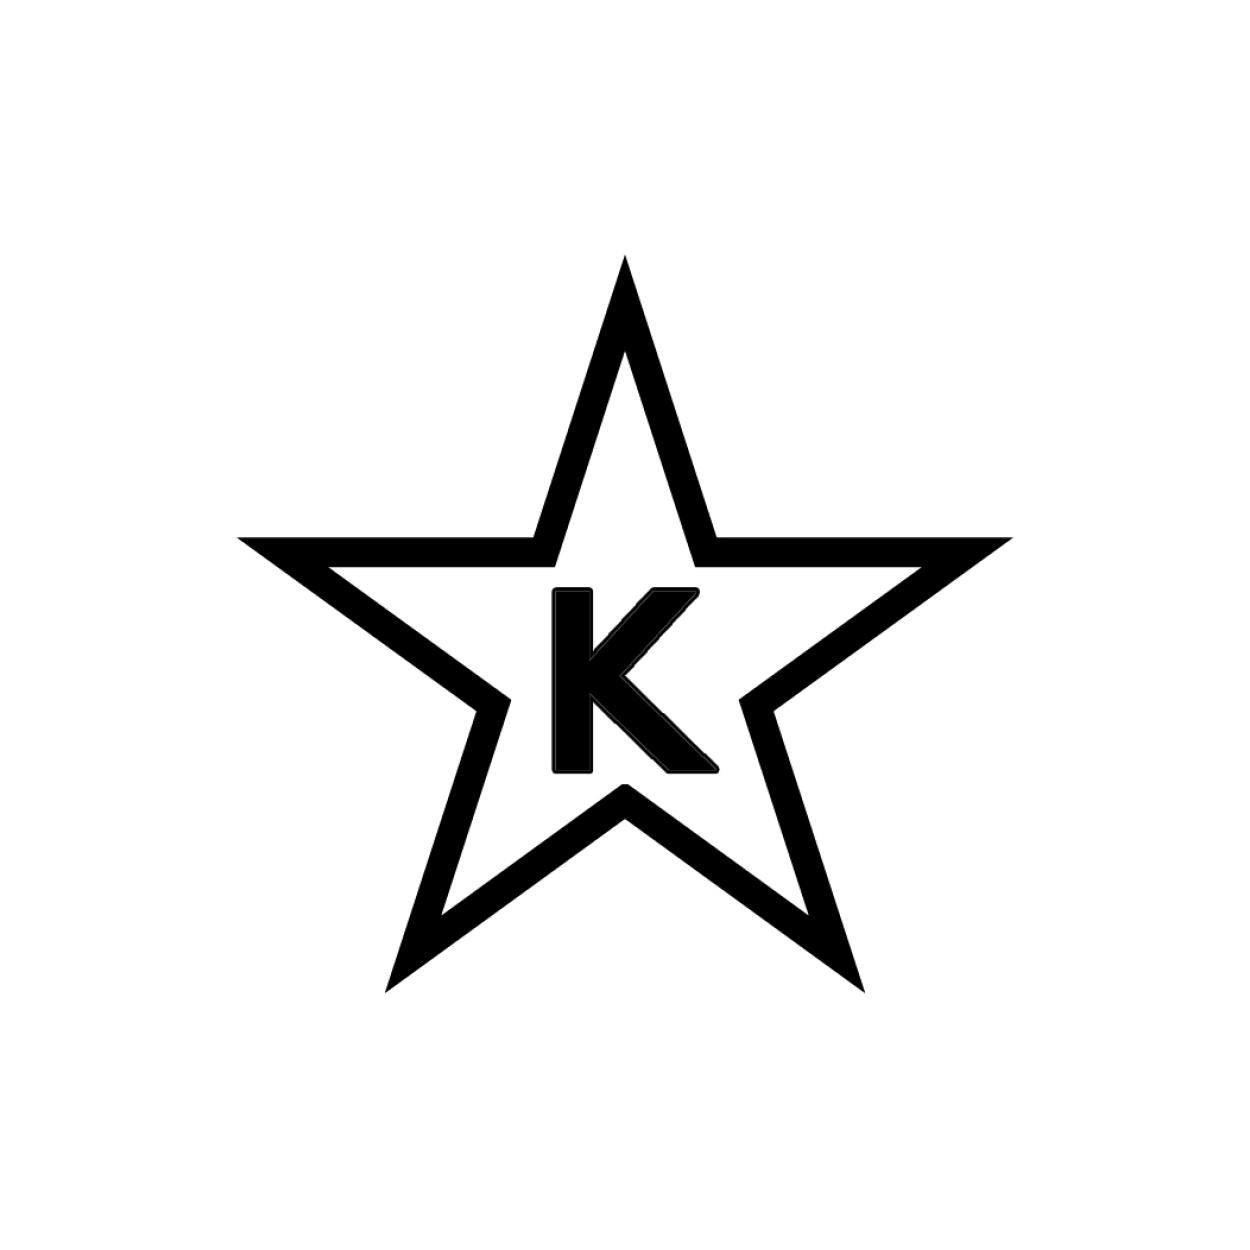 Supreme Certifications Logos Website-kosher.png